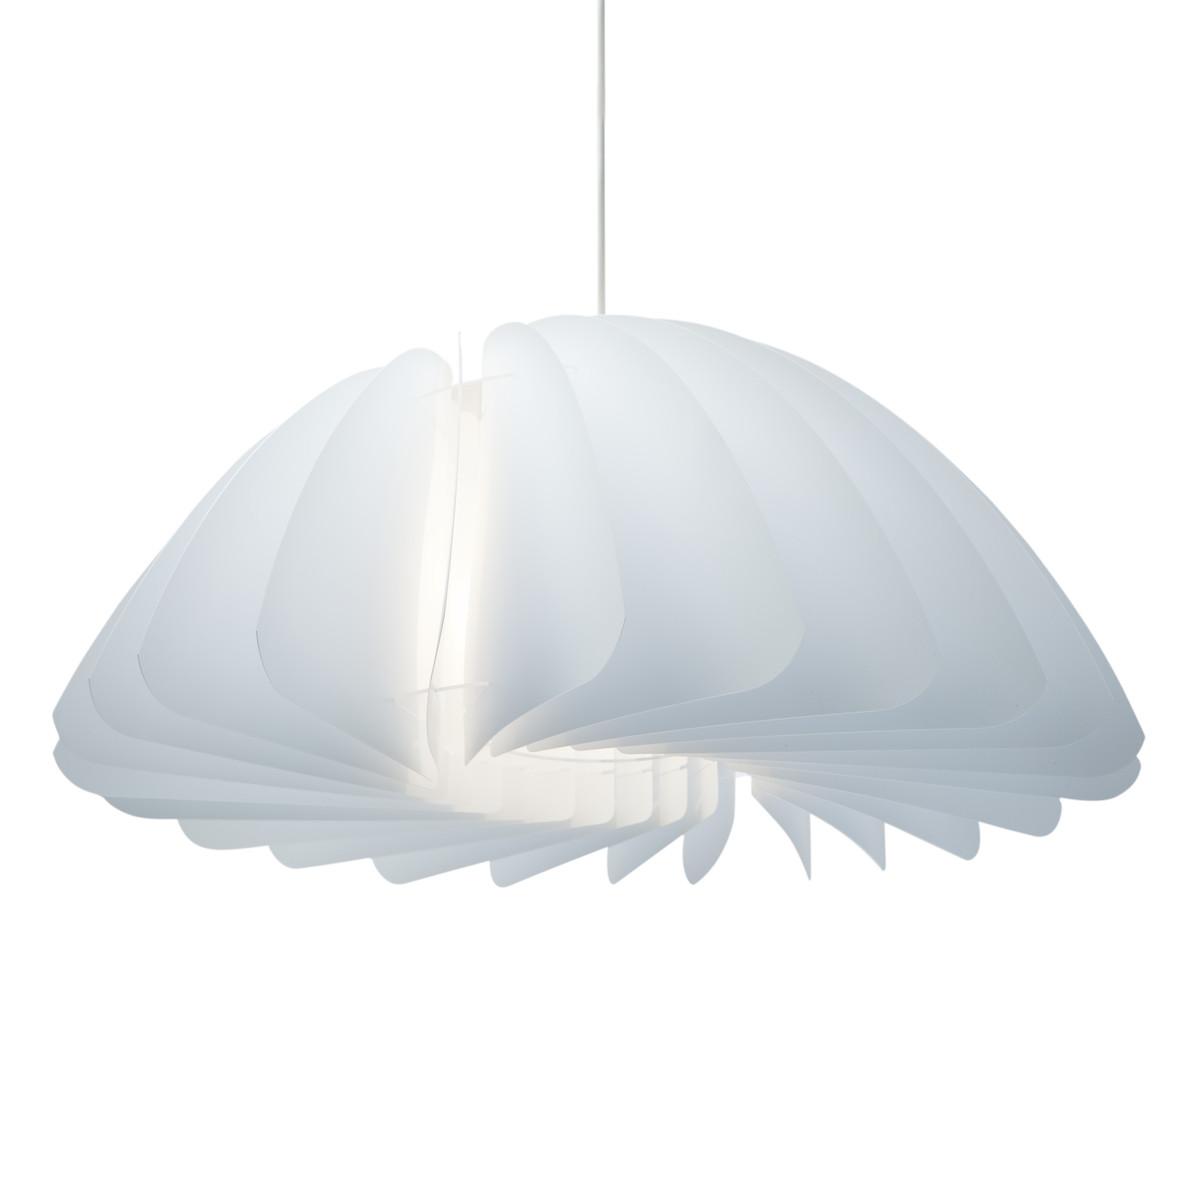 Abażur Primrose Twist do lamp wiszących i lamp stojących